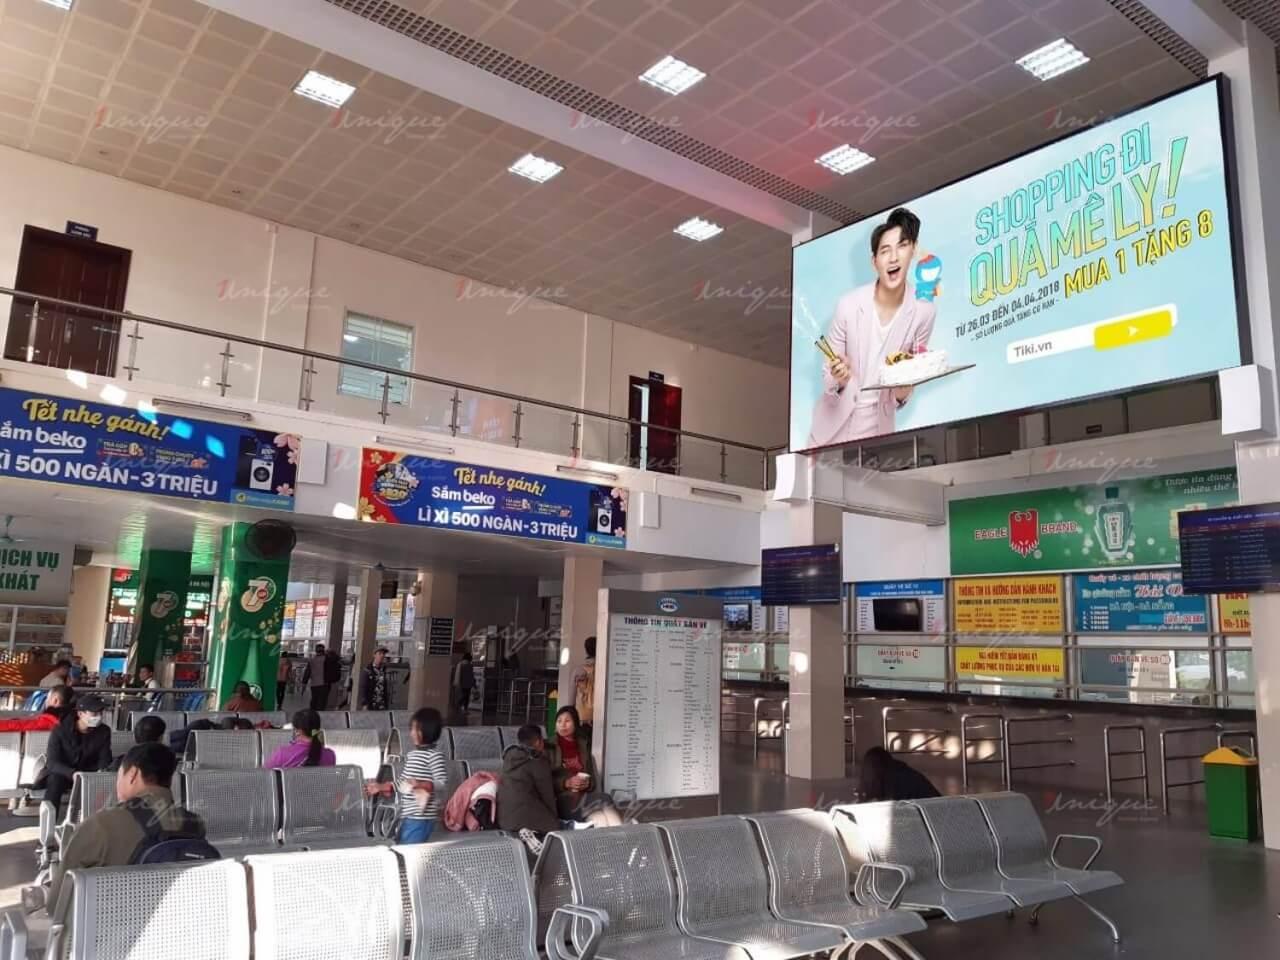 Màn hình LED quảng cáo tại bến xe Giáp Bát (Hà Nội)